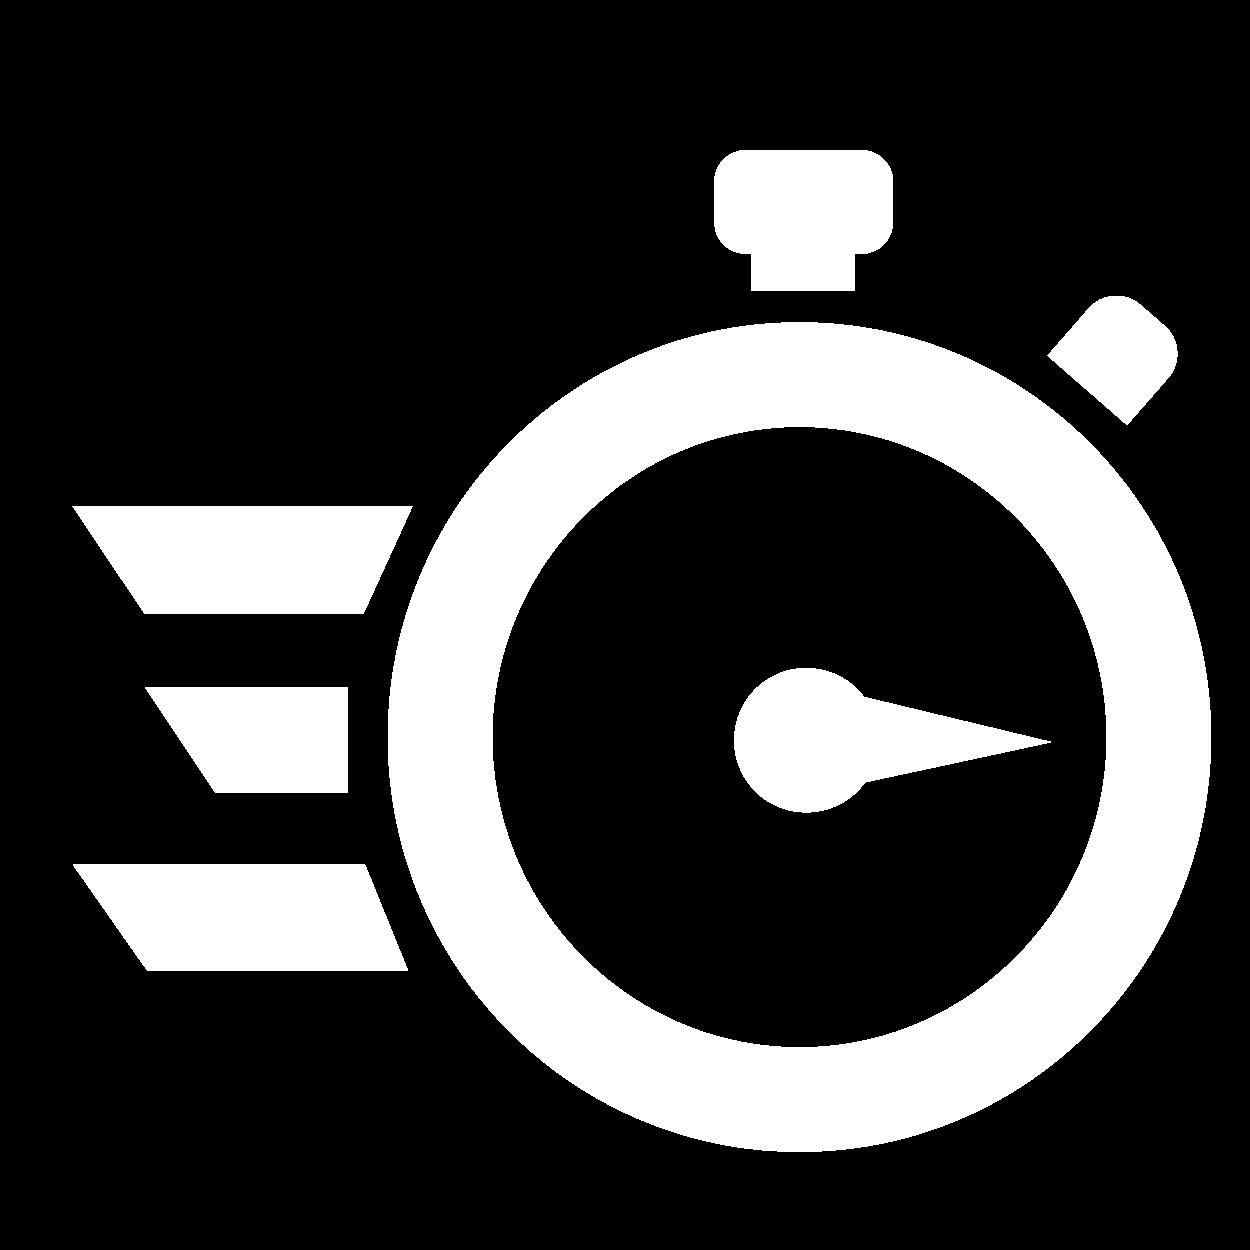 icone agilidade